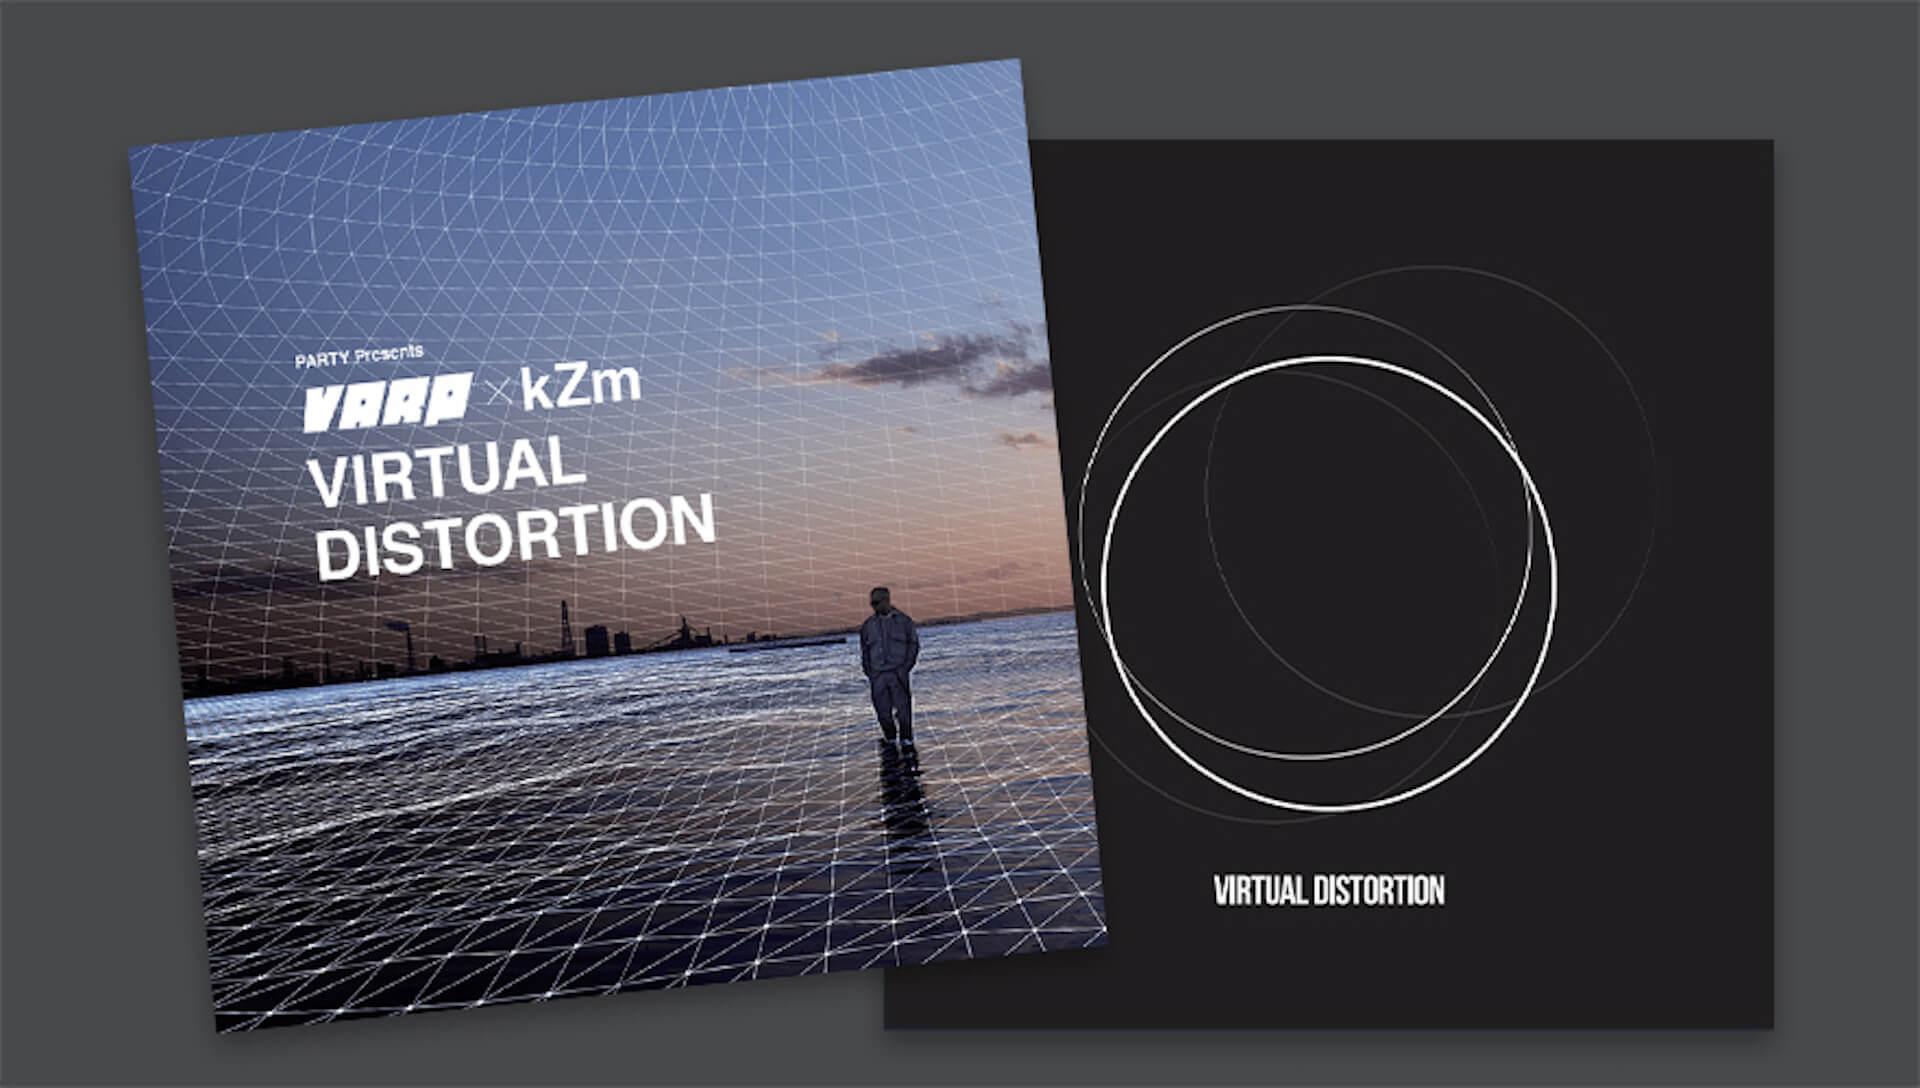 kZmがクリエイティブ集団・PARTYとコラボしたヴァーチャルライブ <VIRTUAL DISTORTION>を開催決定|野田洋次郎、BIM、LEXら出演 music200722_kzm_6